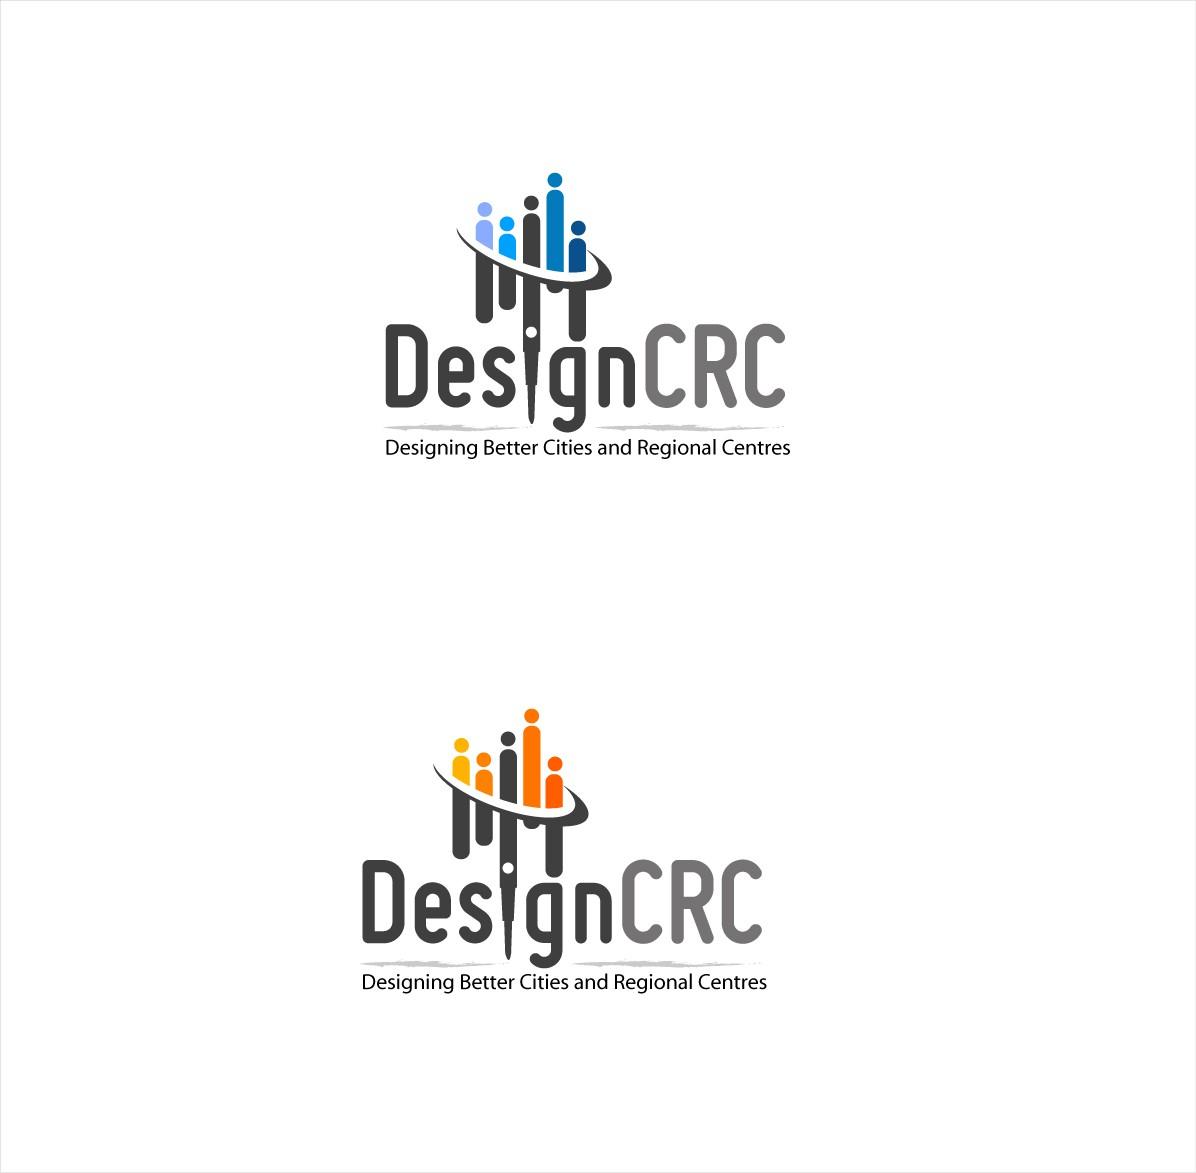 Design CRC needs a new logo